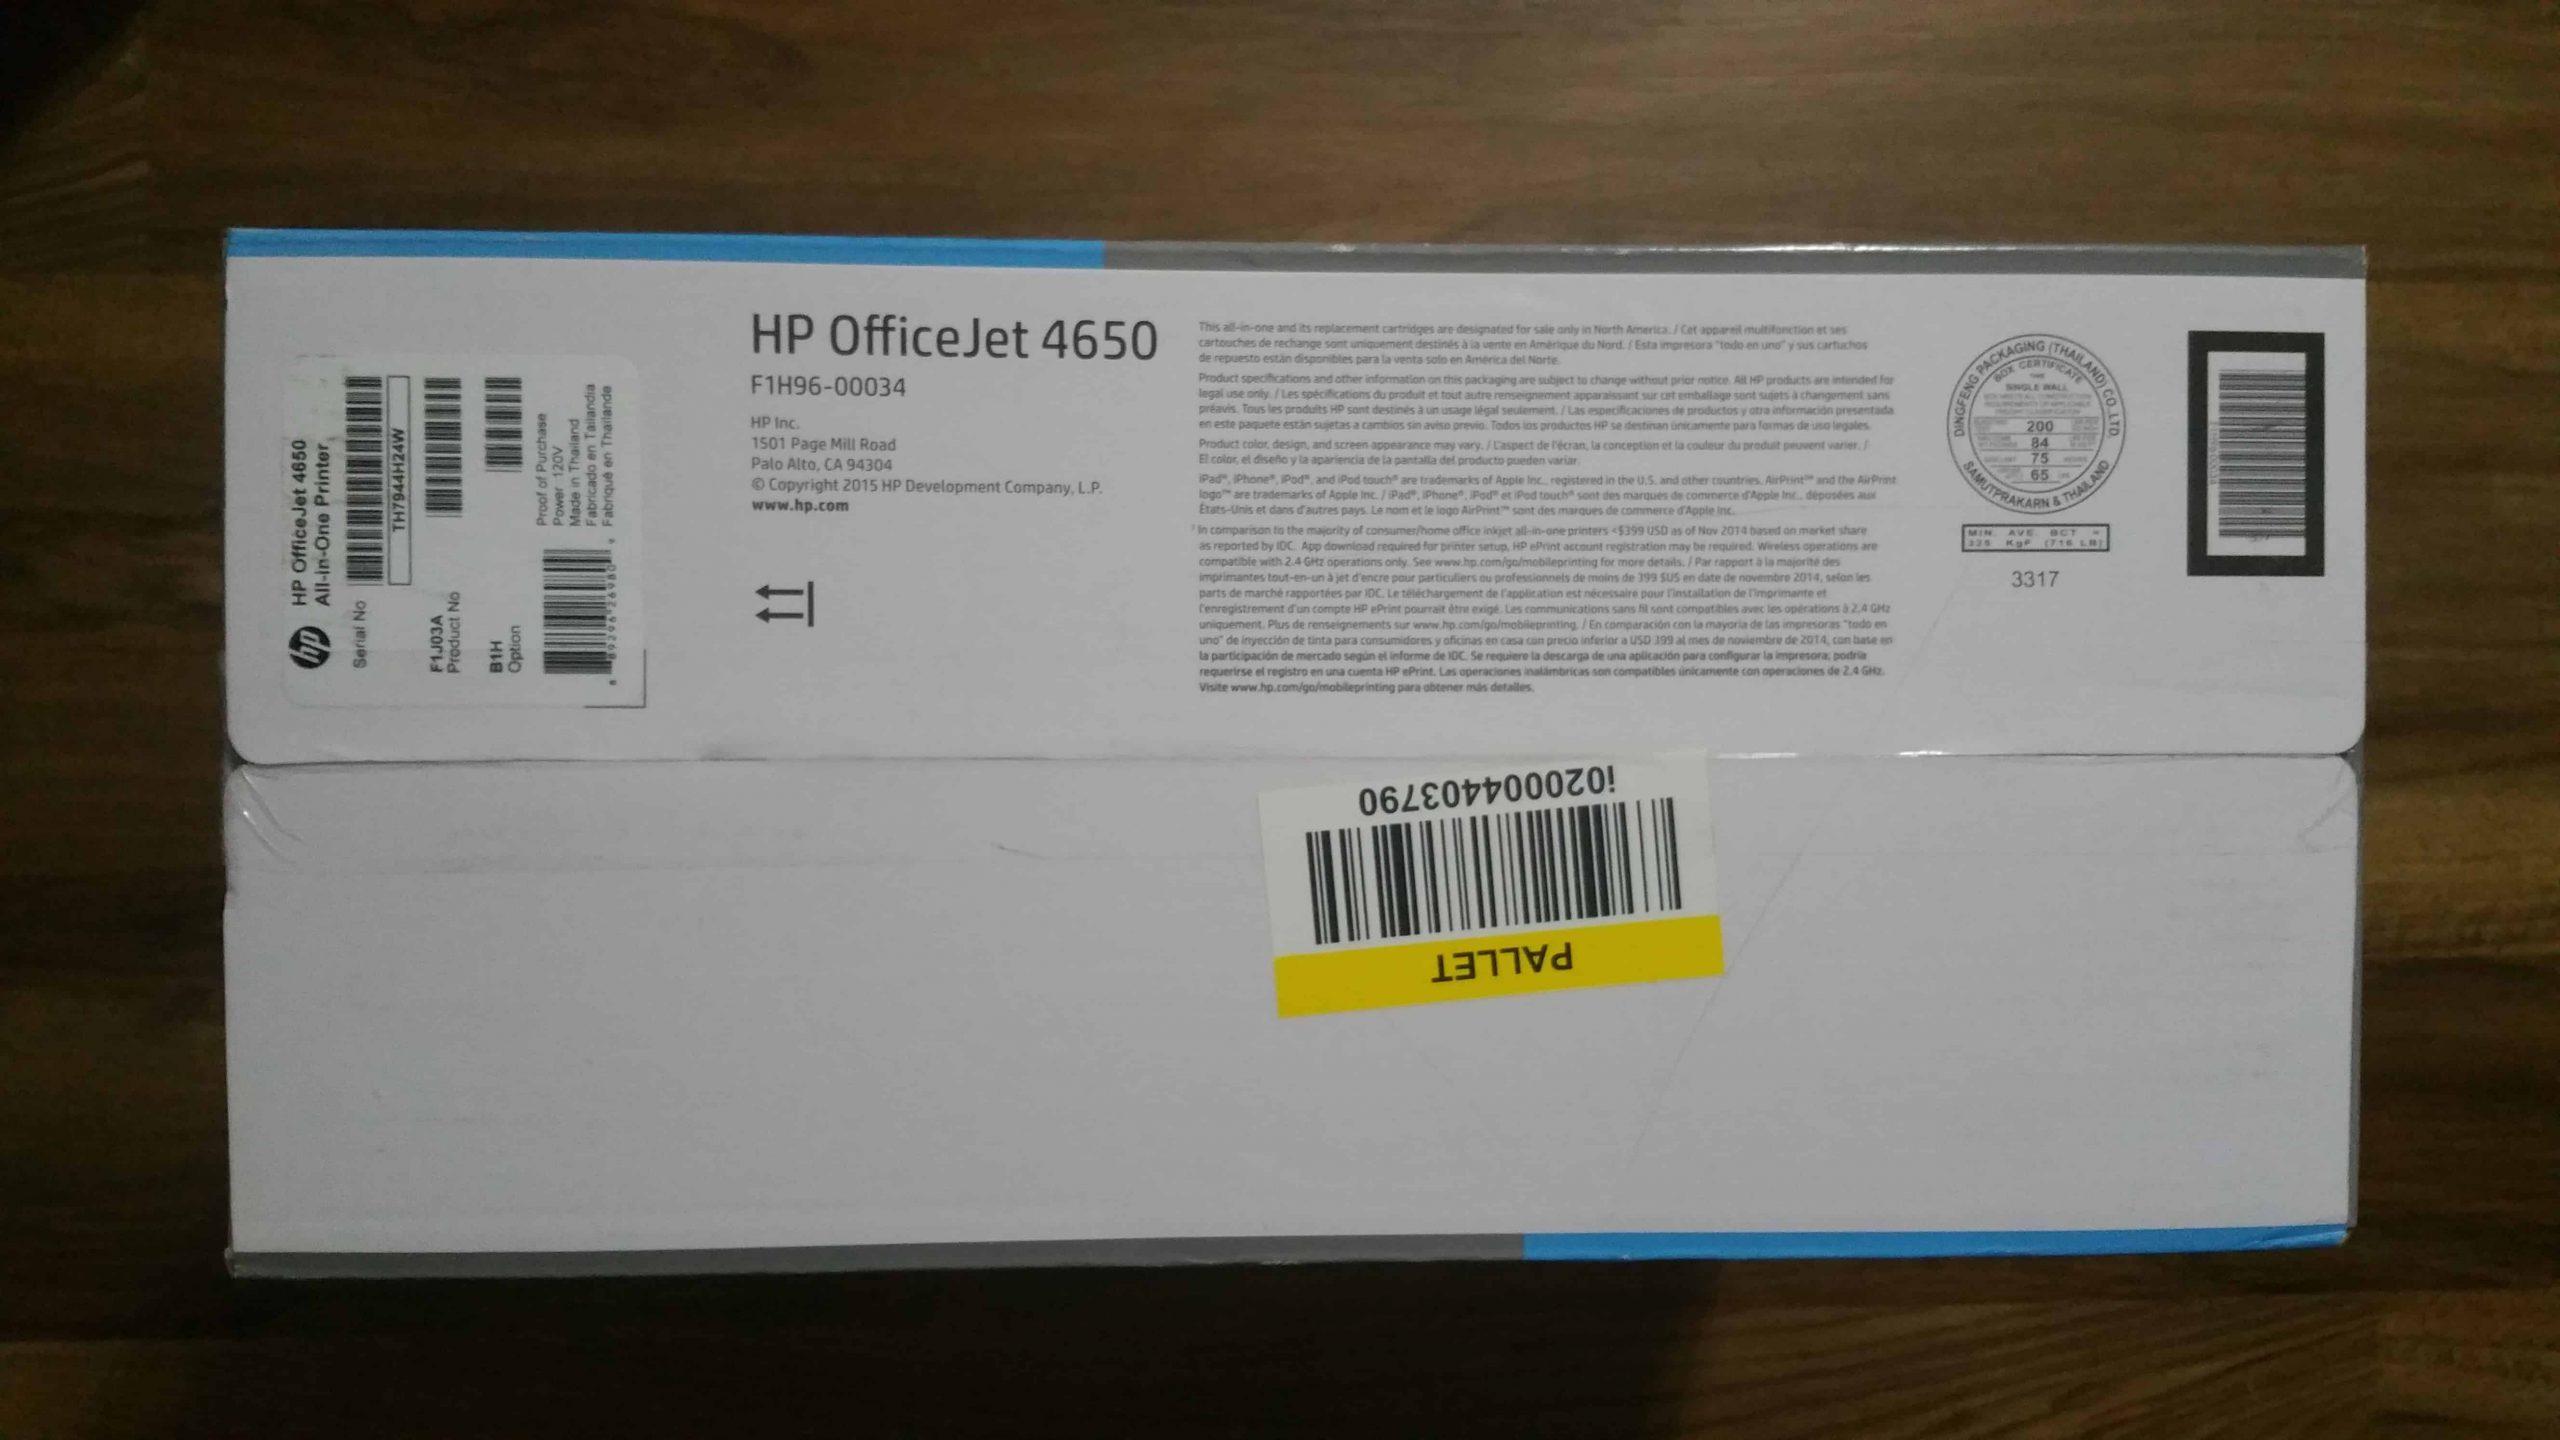 HP OfficeJet 4650 - 5